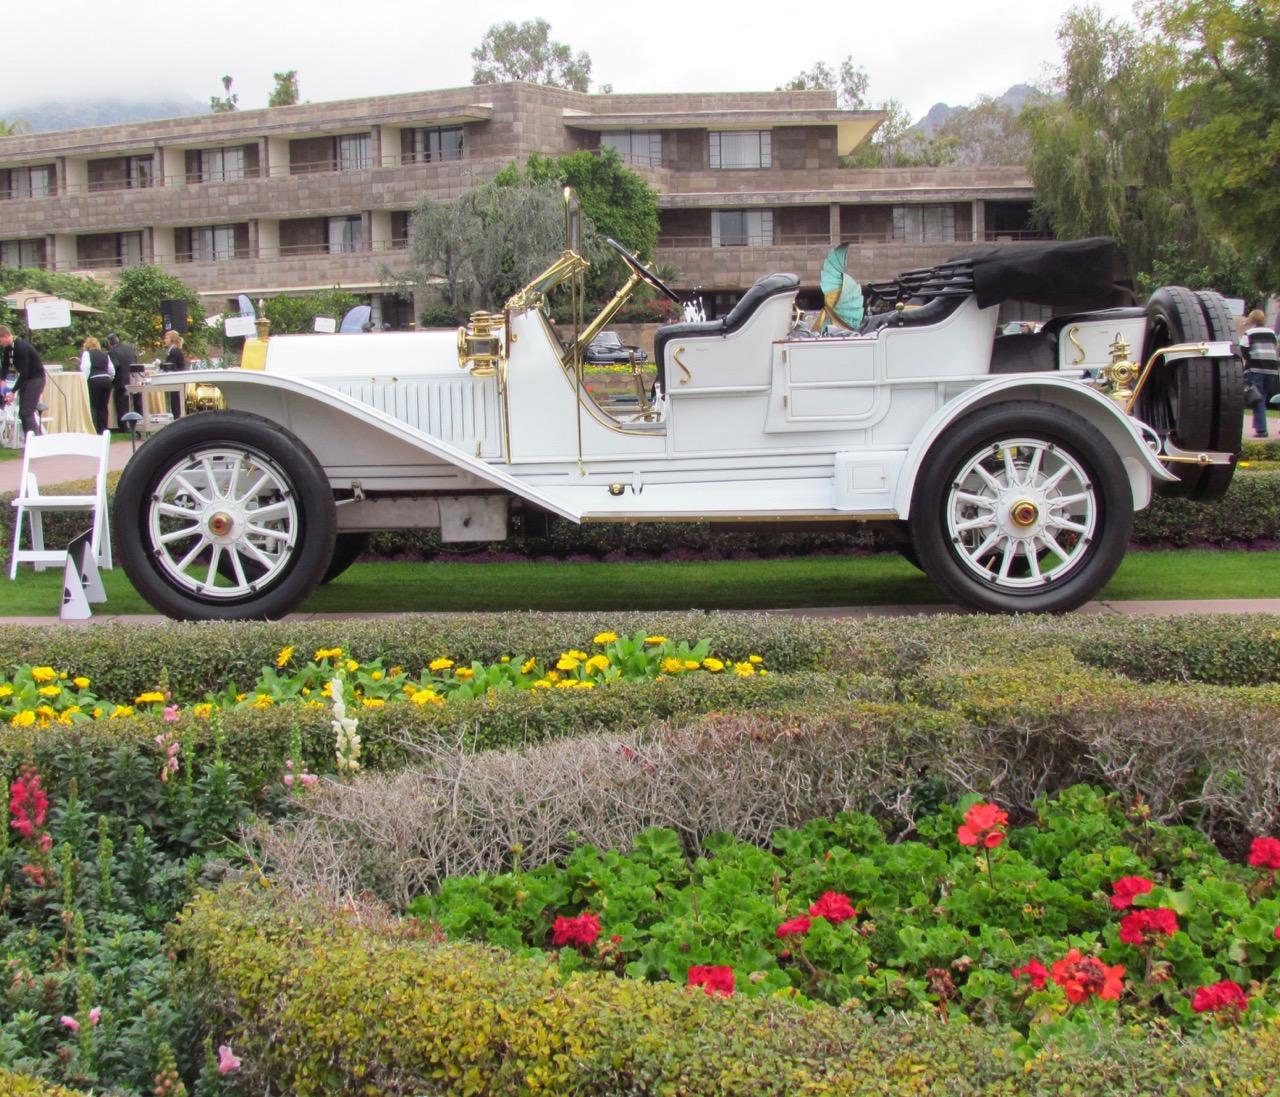 Bmw Z8 Replica: - ClassicCars.com Journal